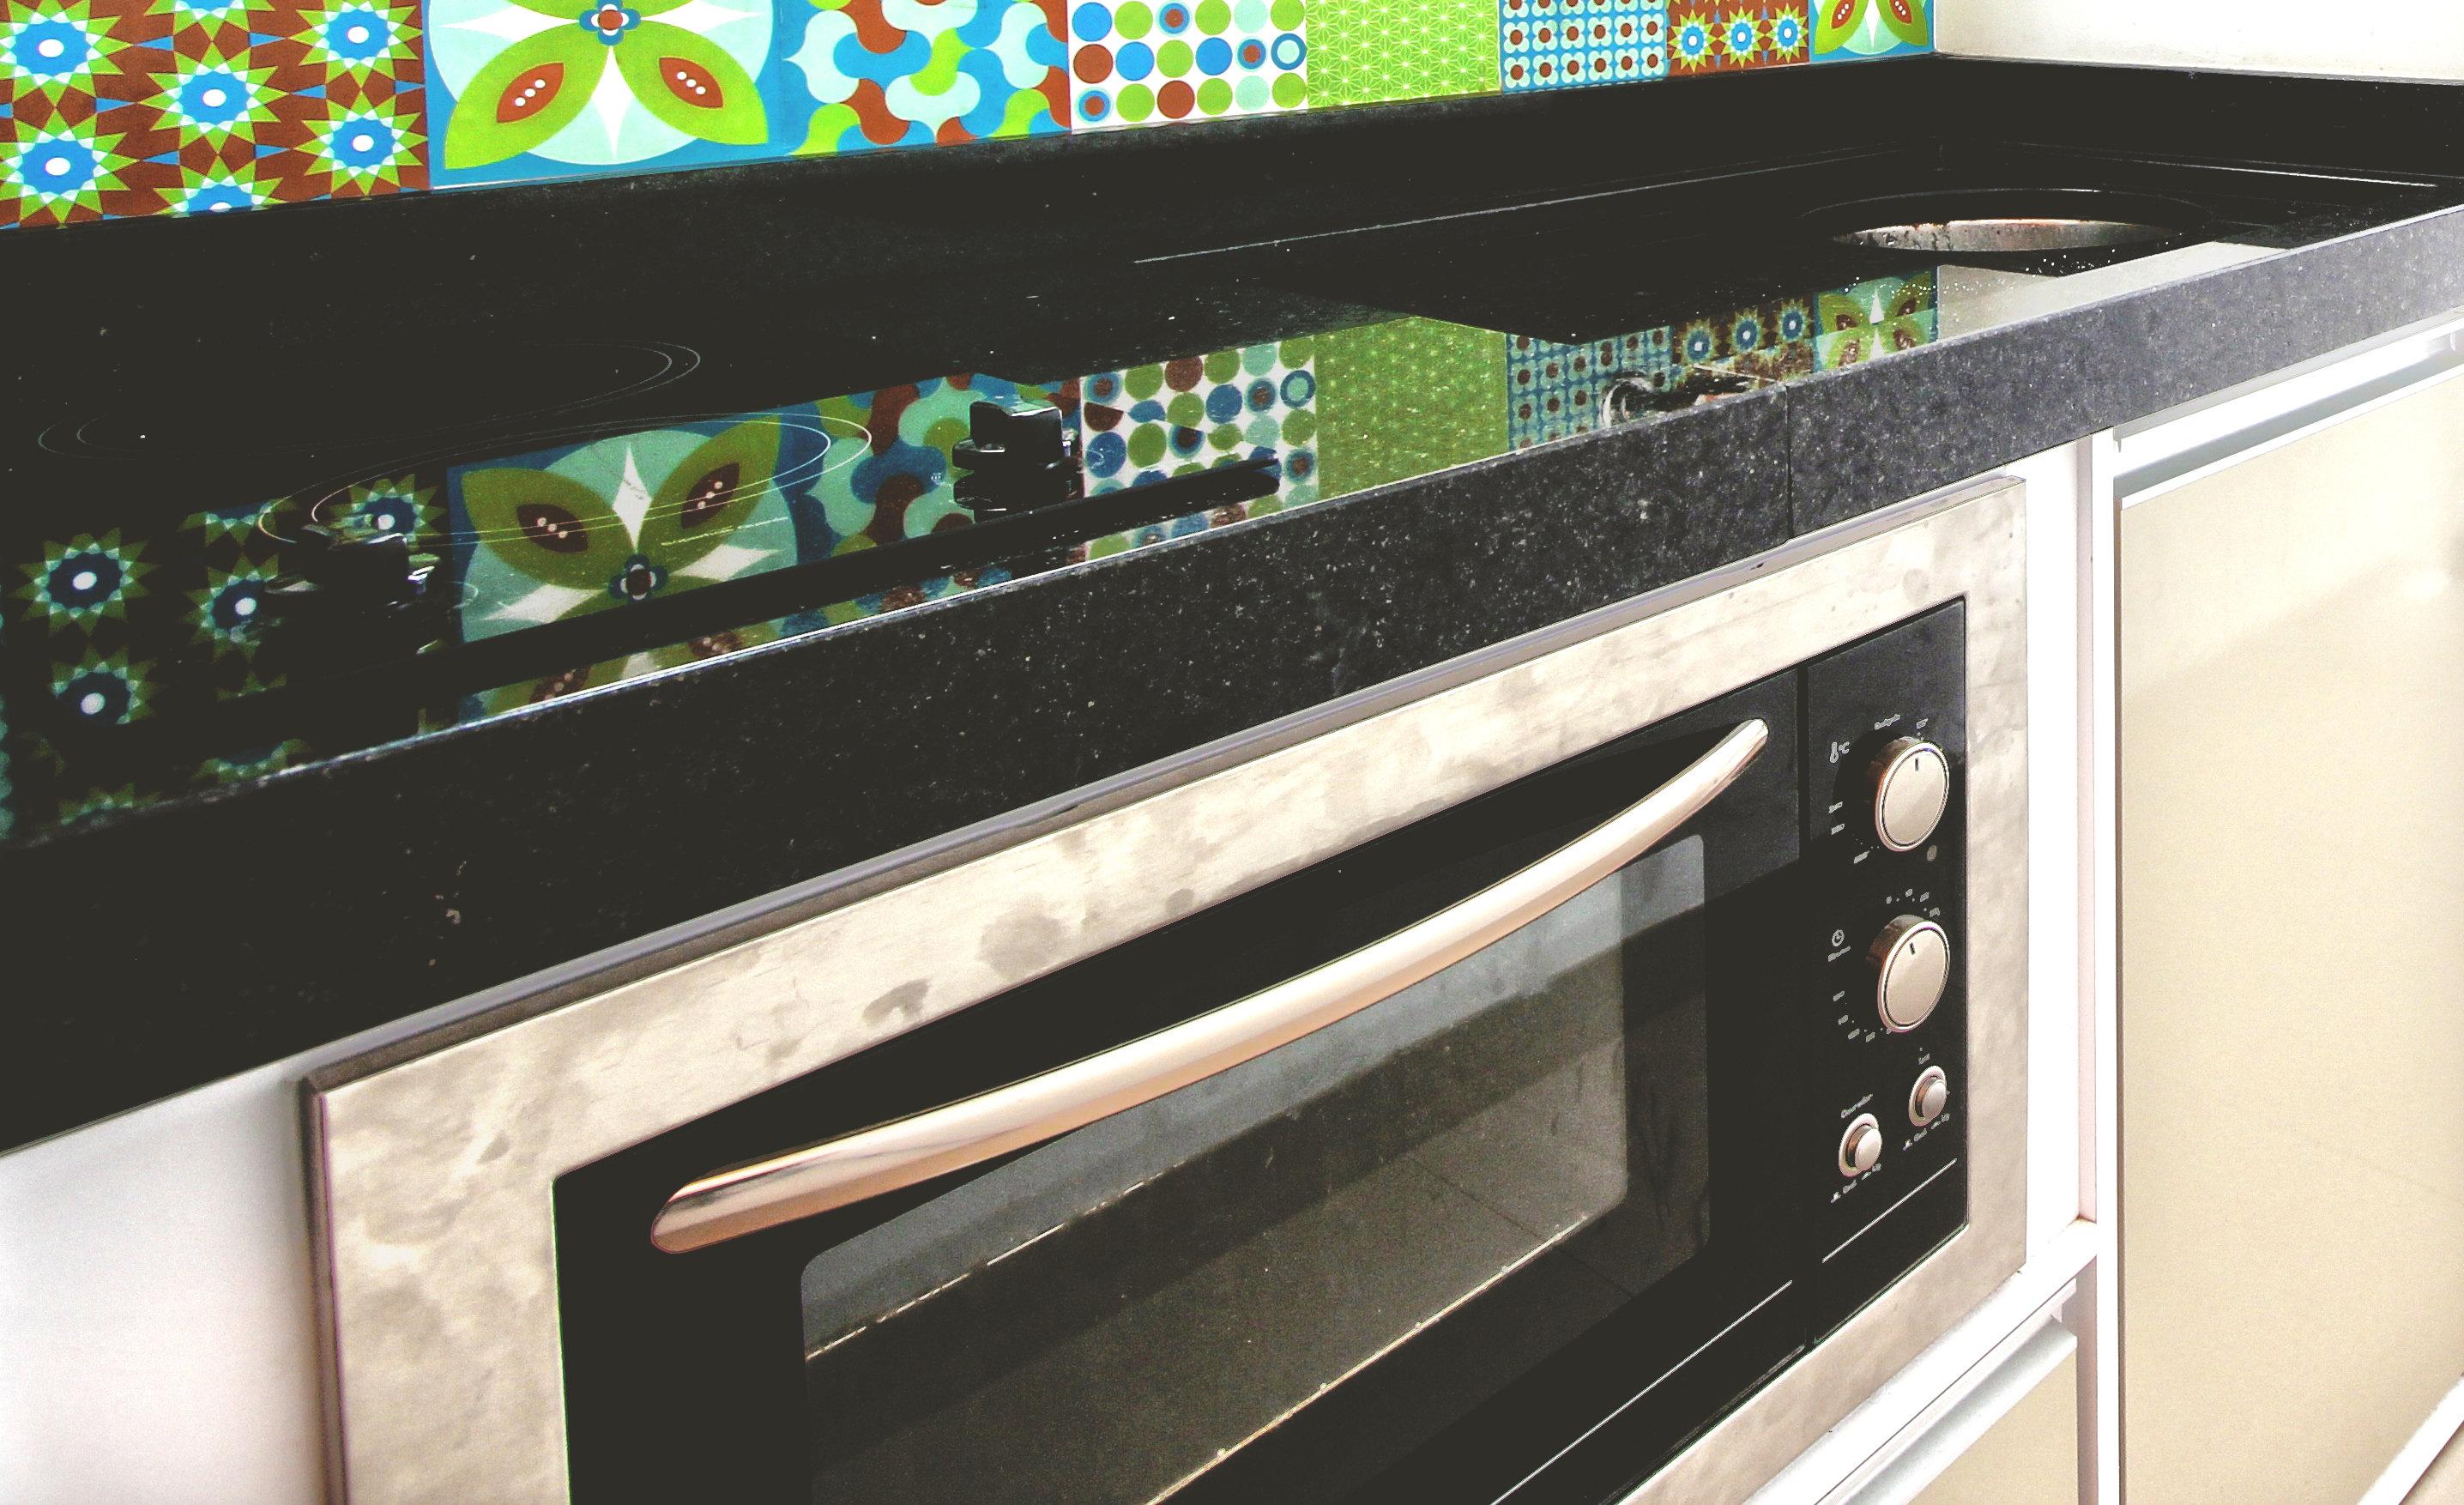 Pack productos limpieza cocina limpia a fondo neteges for Productos cocina online